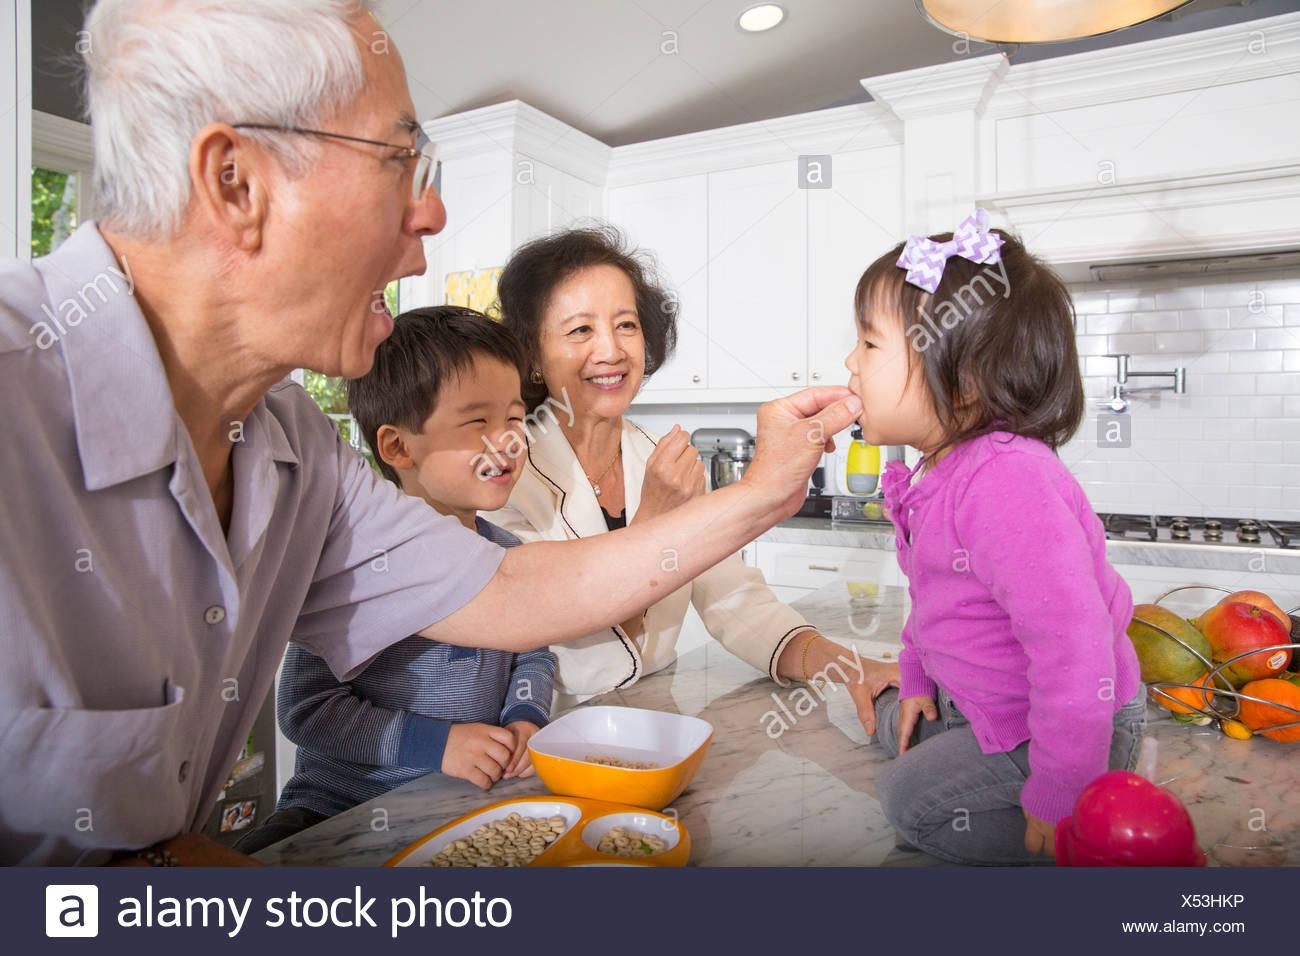 Großvater Fütterung Snack Kleinkind Enkelin in Küche Stockbild